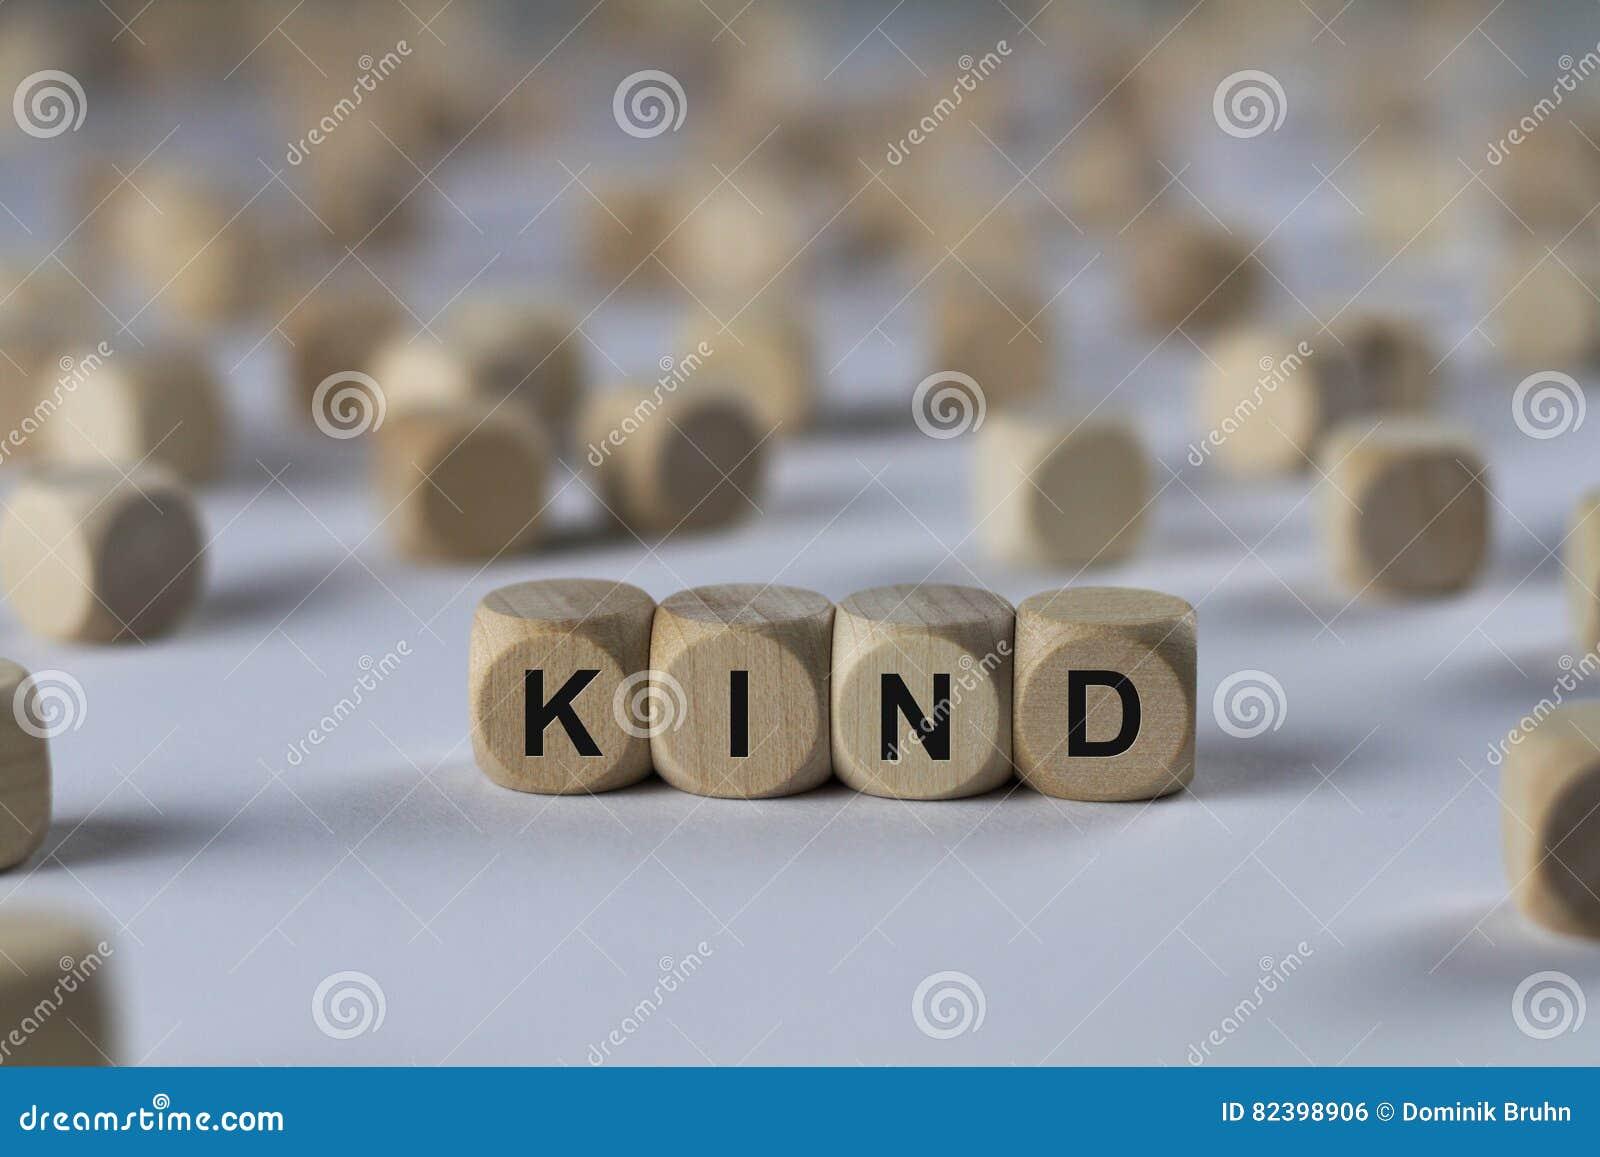 Gentile - cubo con le lettere, segno con i cubi di legno